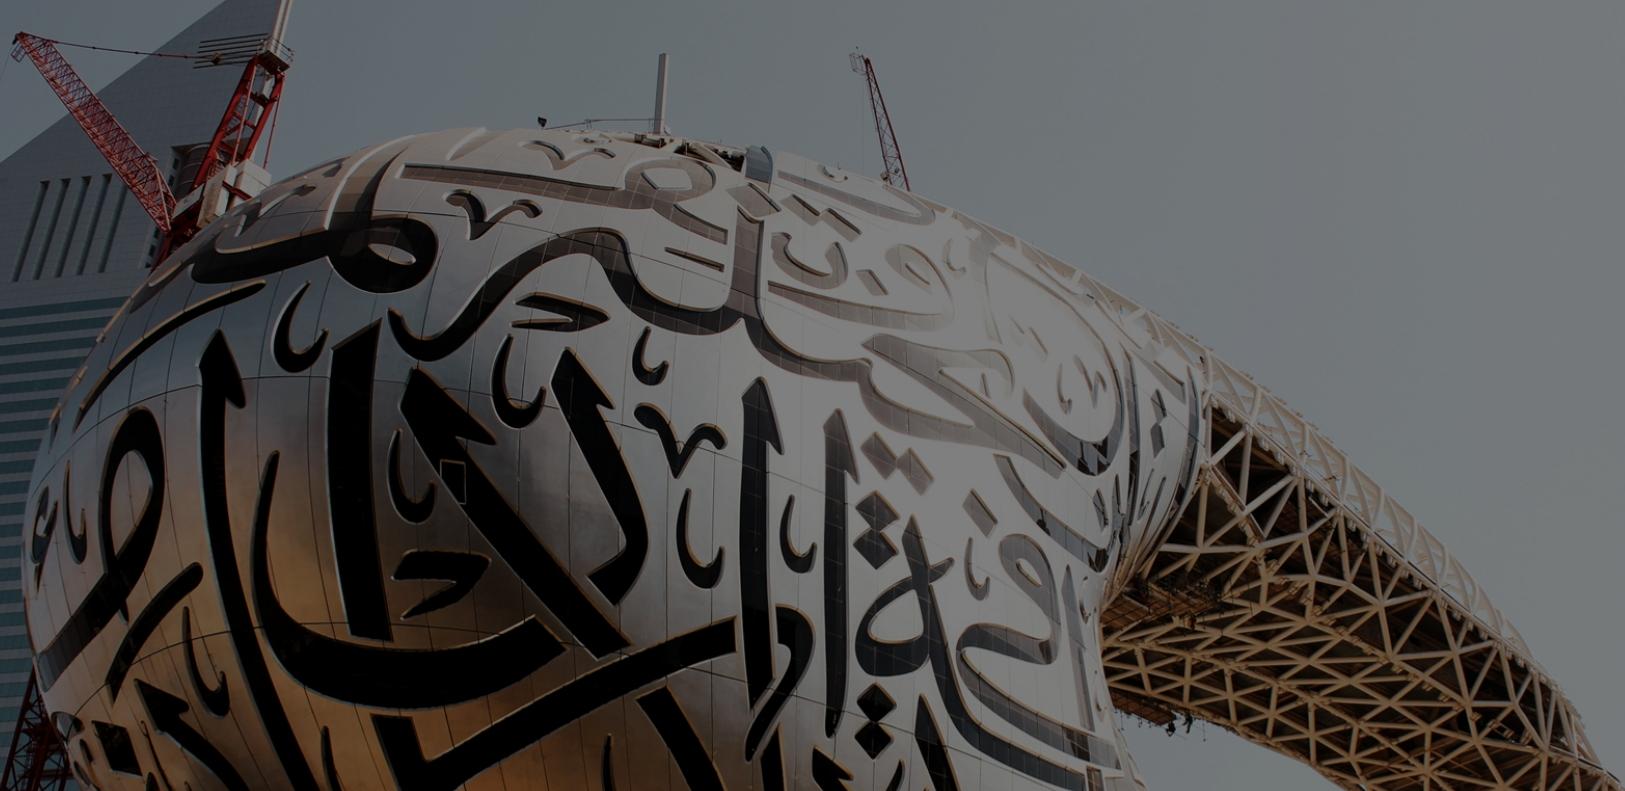 اللّغة العربيّة والذكاء الاصطناعيّ